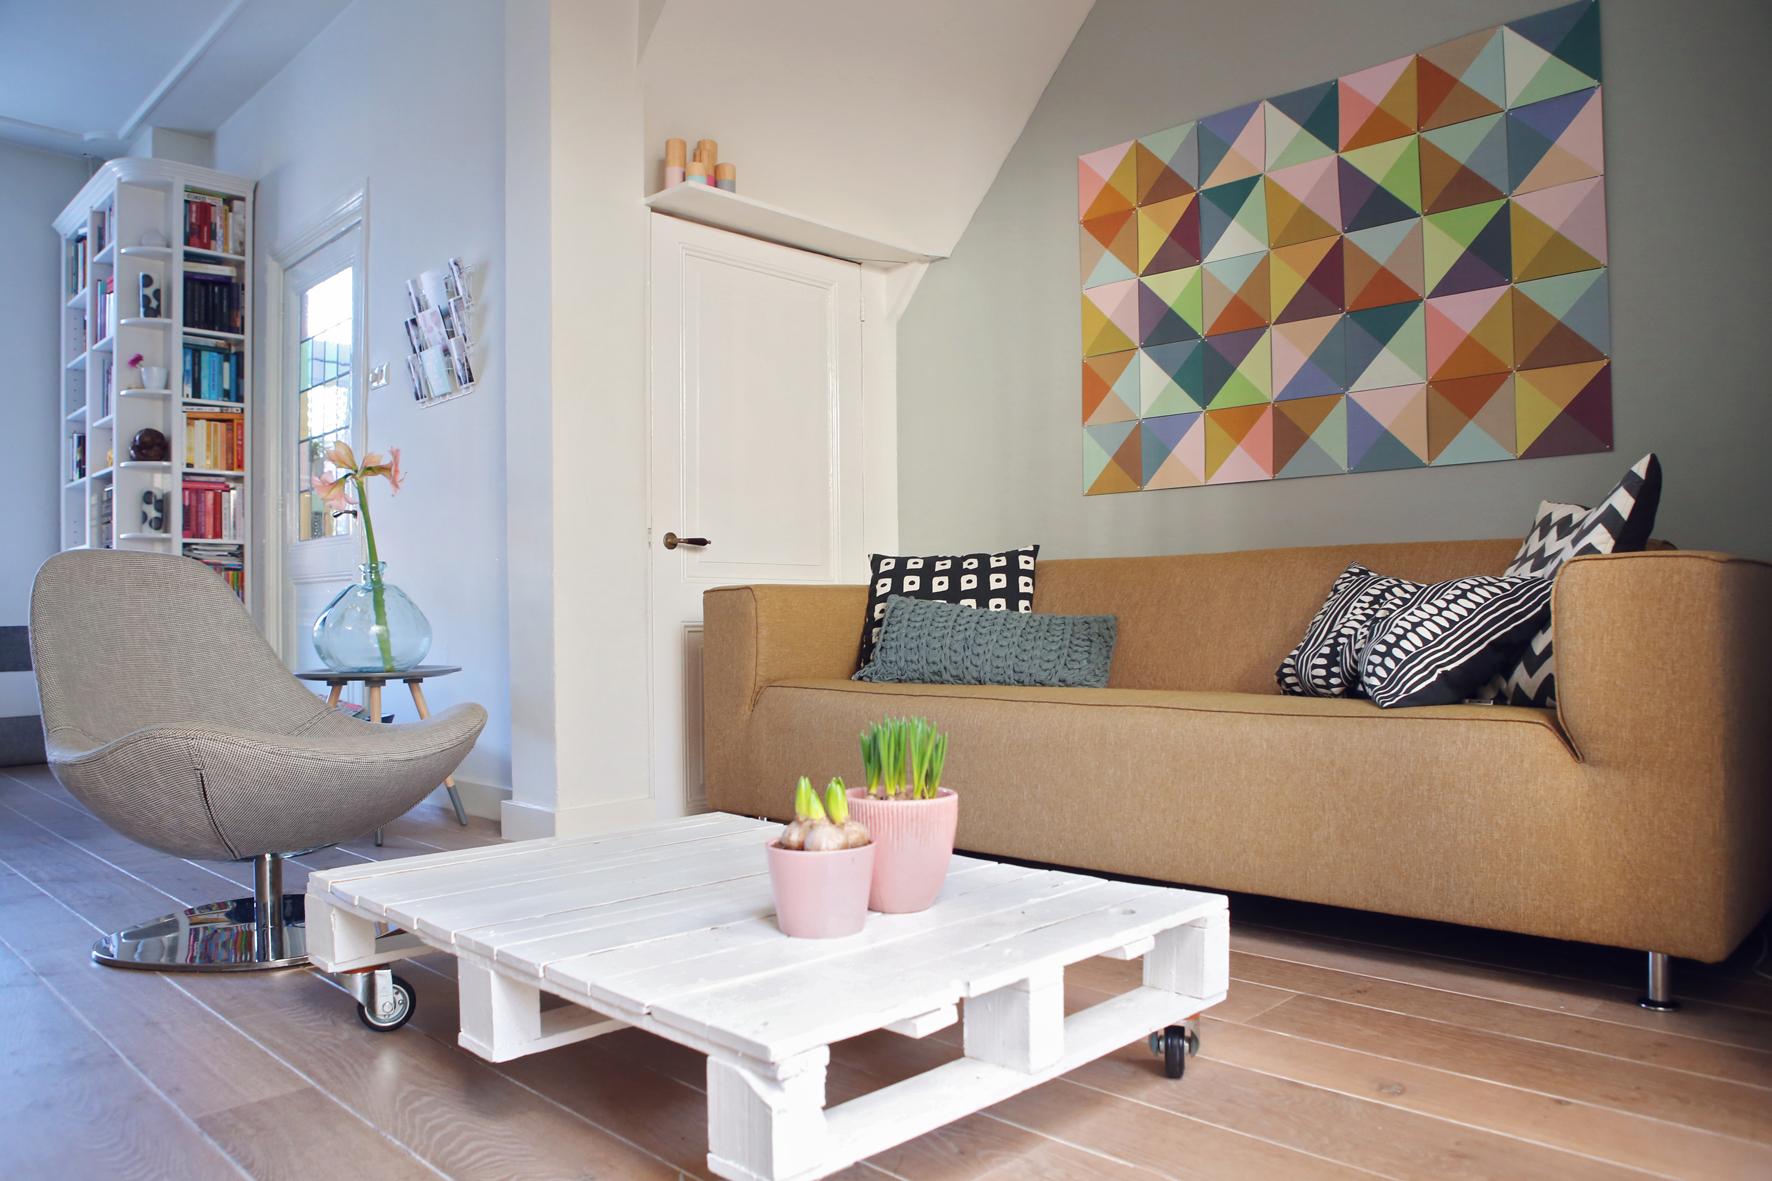 Zen Interieur Slaapkamer : Slaapkamer zen inrichten. latest cheap uit dit fijne appartement kun